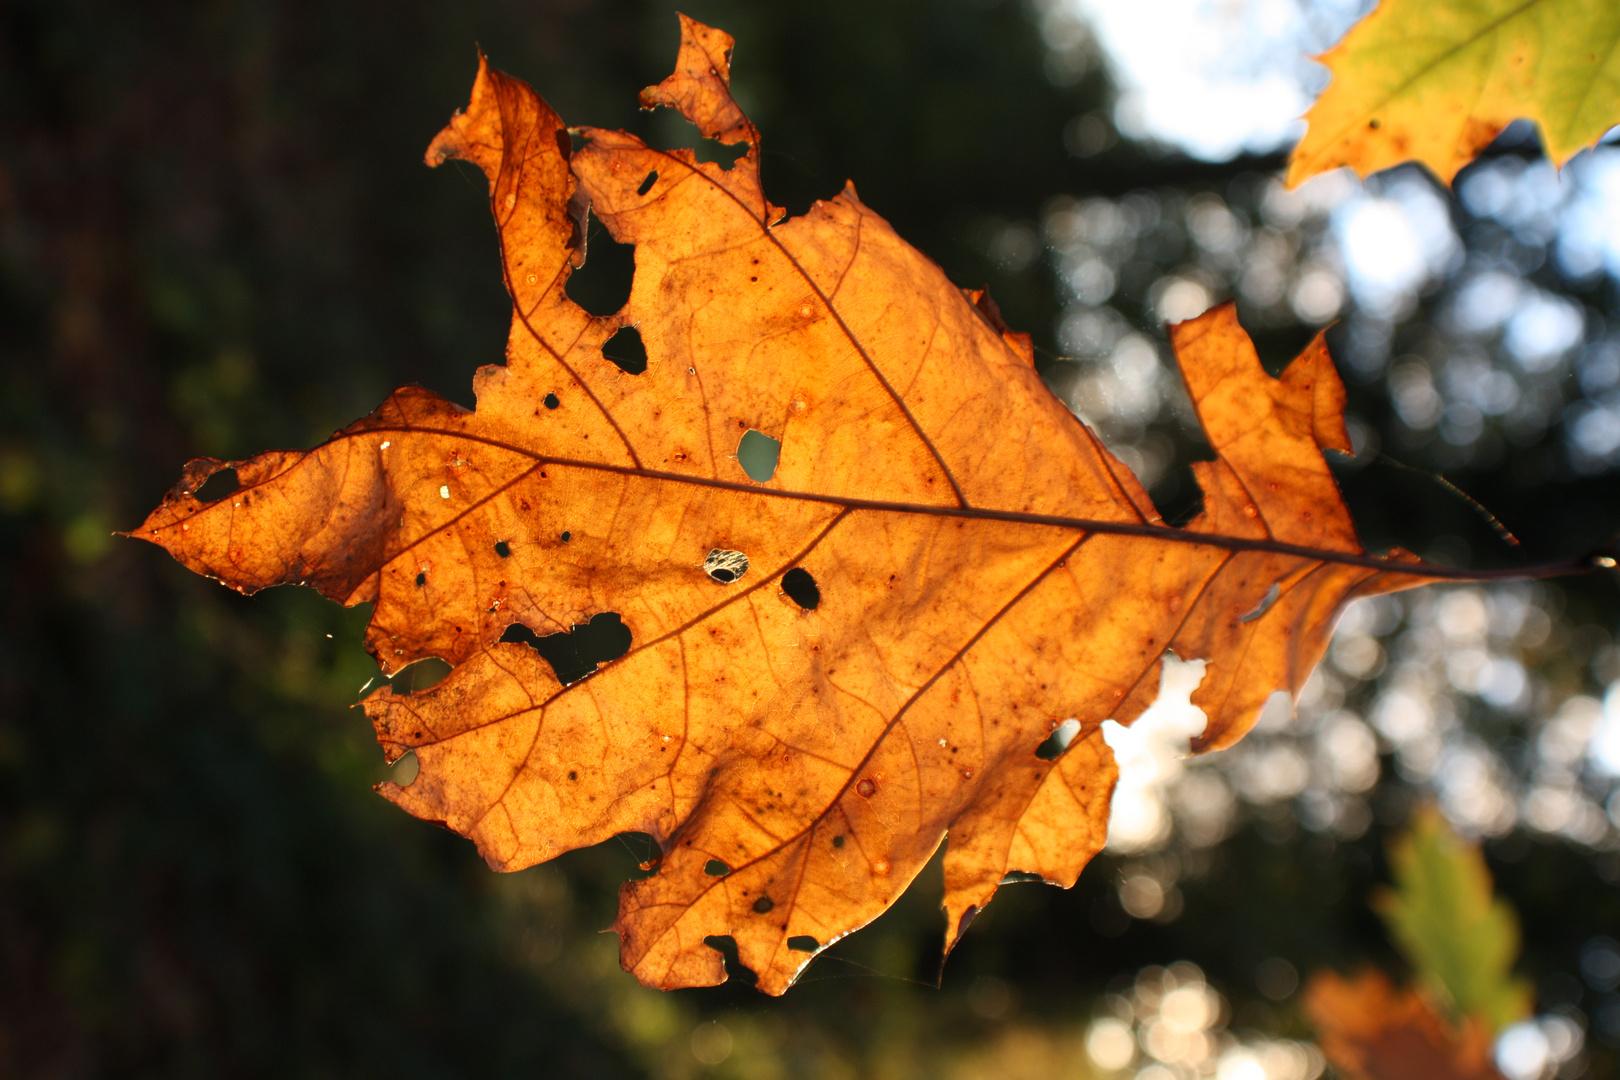 Herbstblatt im Sonnenlicht